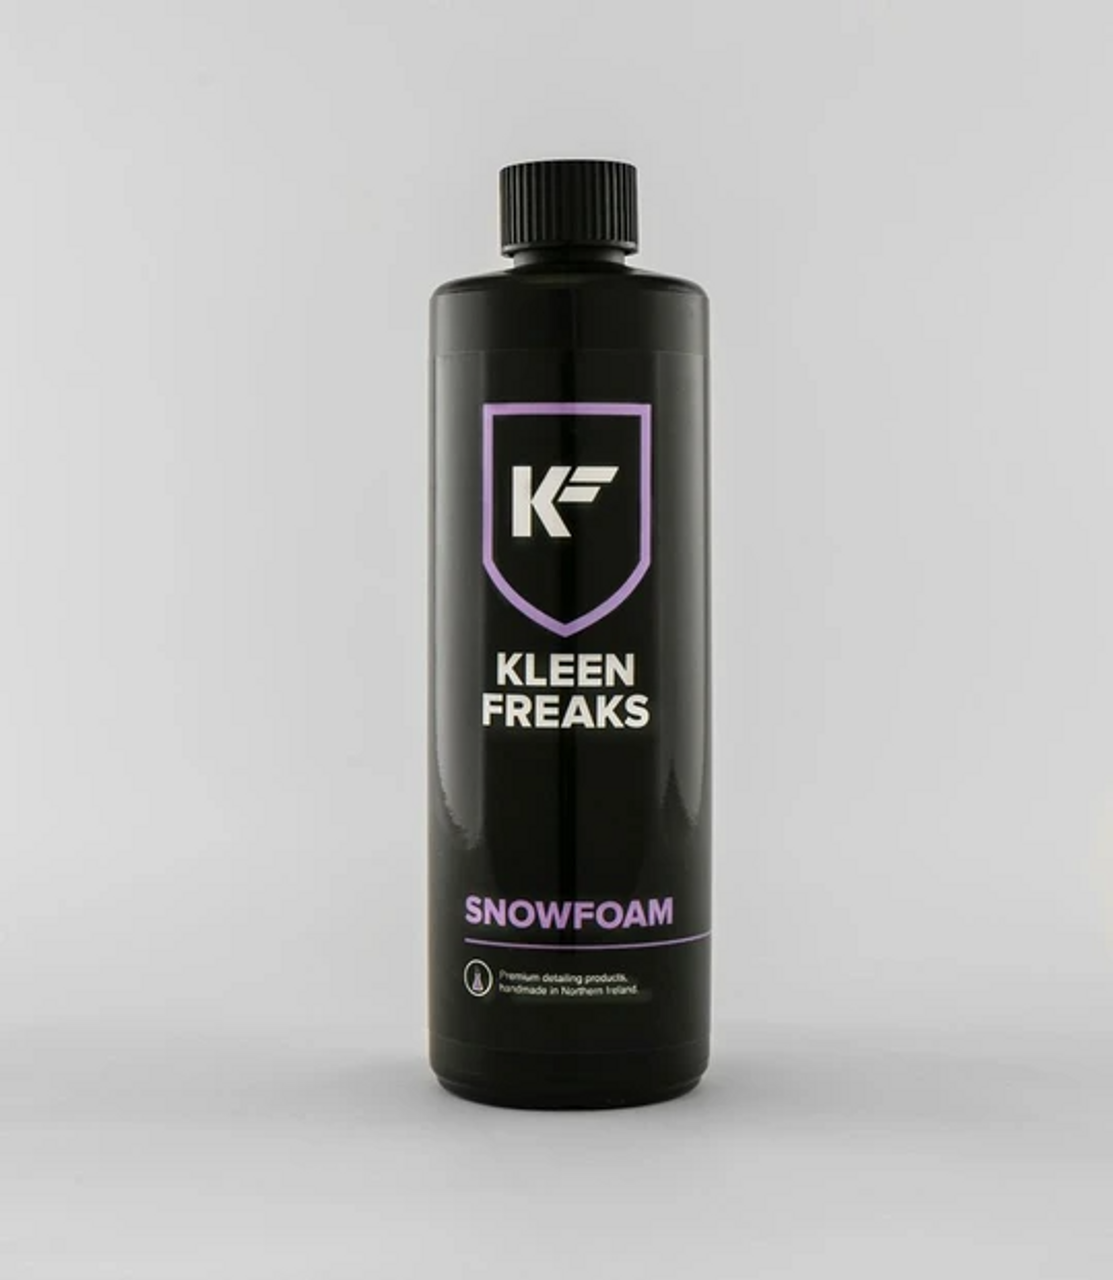 Kleen Freaks Snow Foam *New Formula*